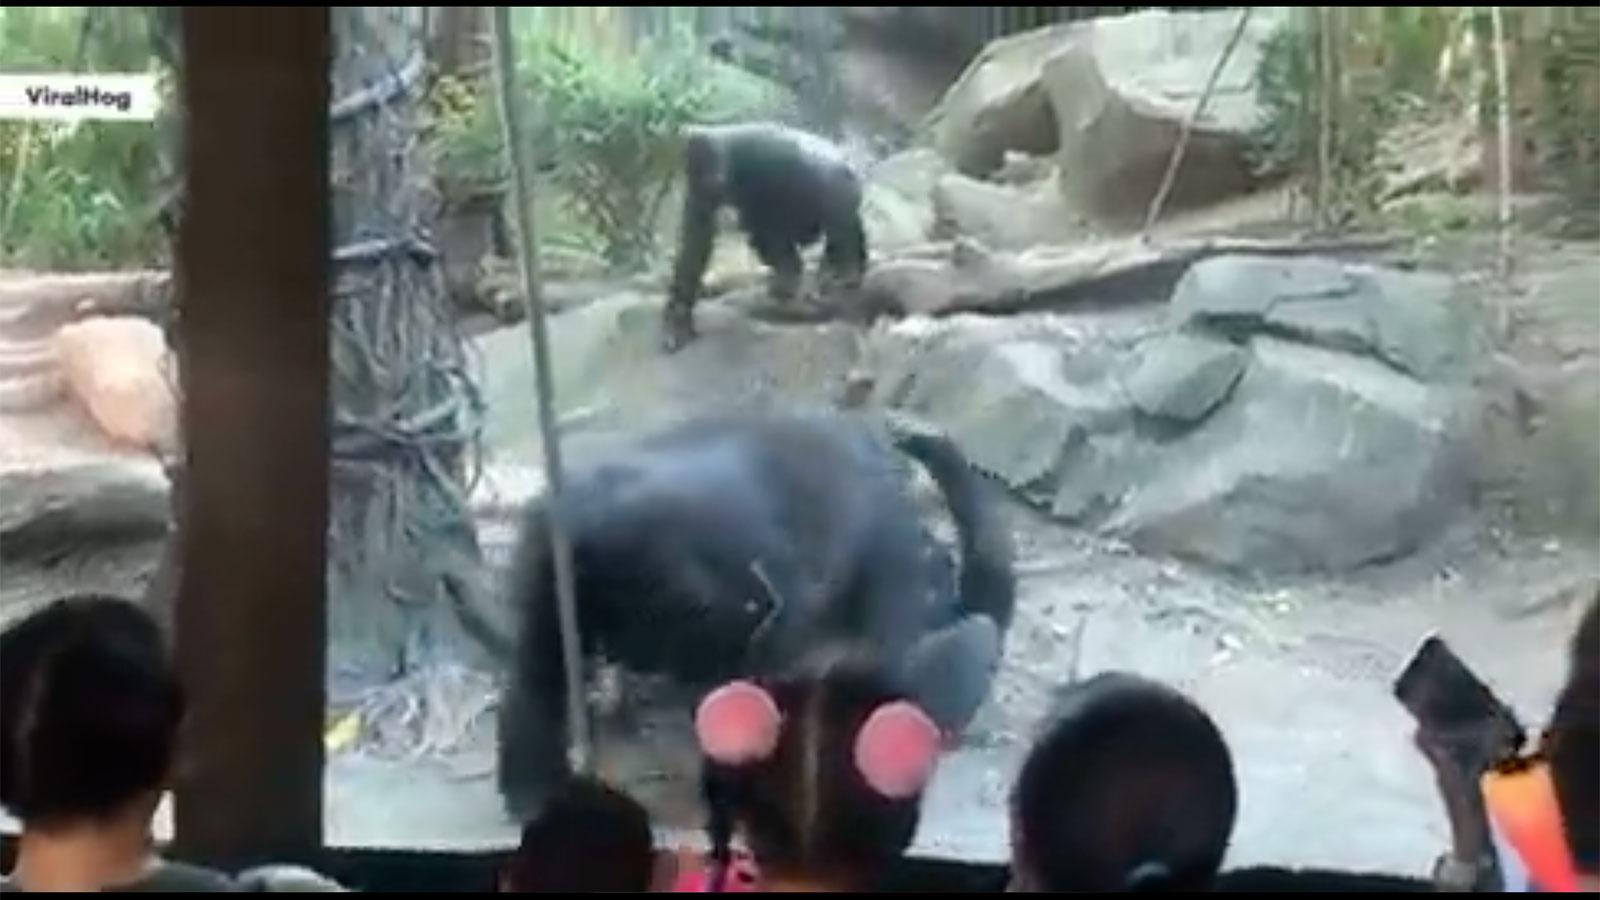 家族連れで賑わう動物園でゴリラが口淫をはじめる 思いも寄らぬ光景に悲鳴があがる | 専門家は「普通の行為」と話すが… | クーリエ・ジャポン